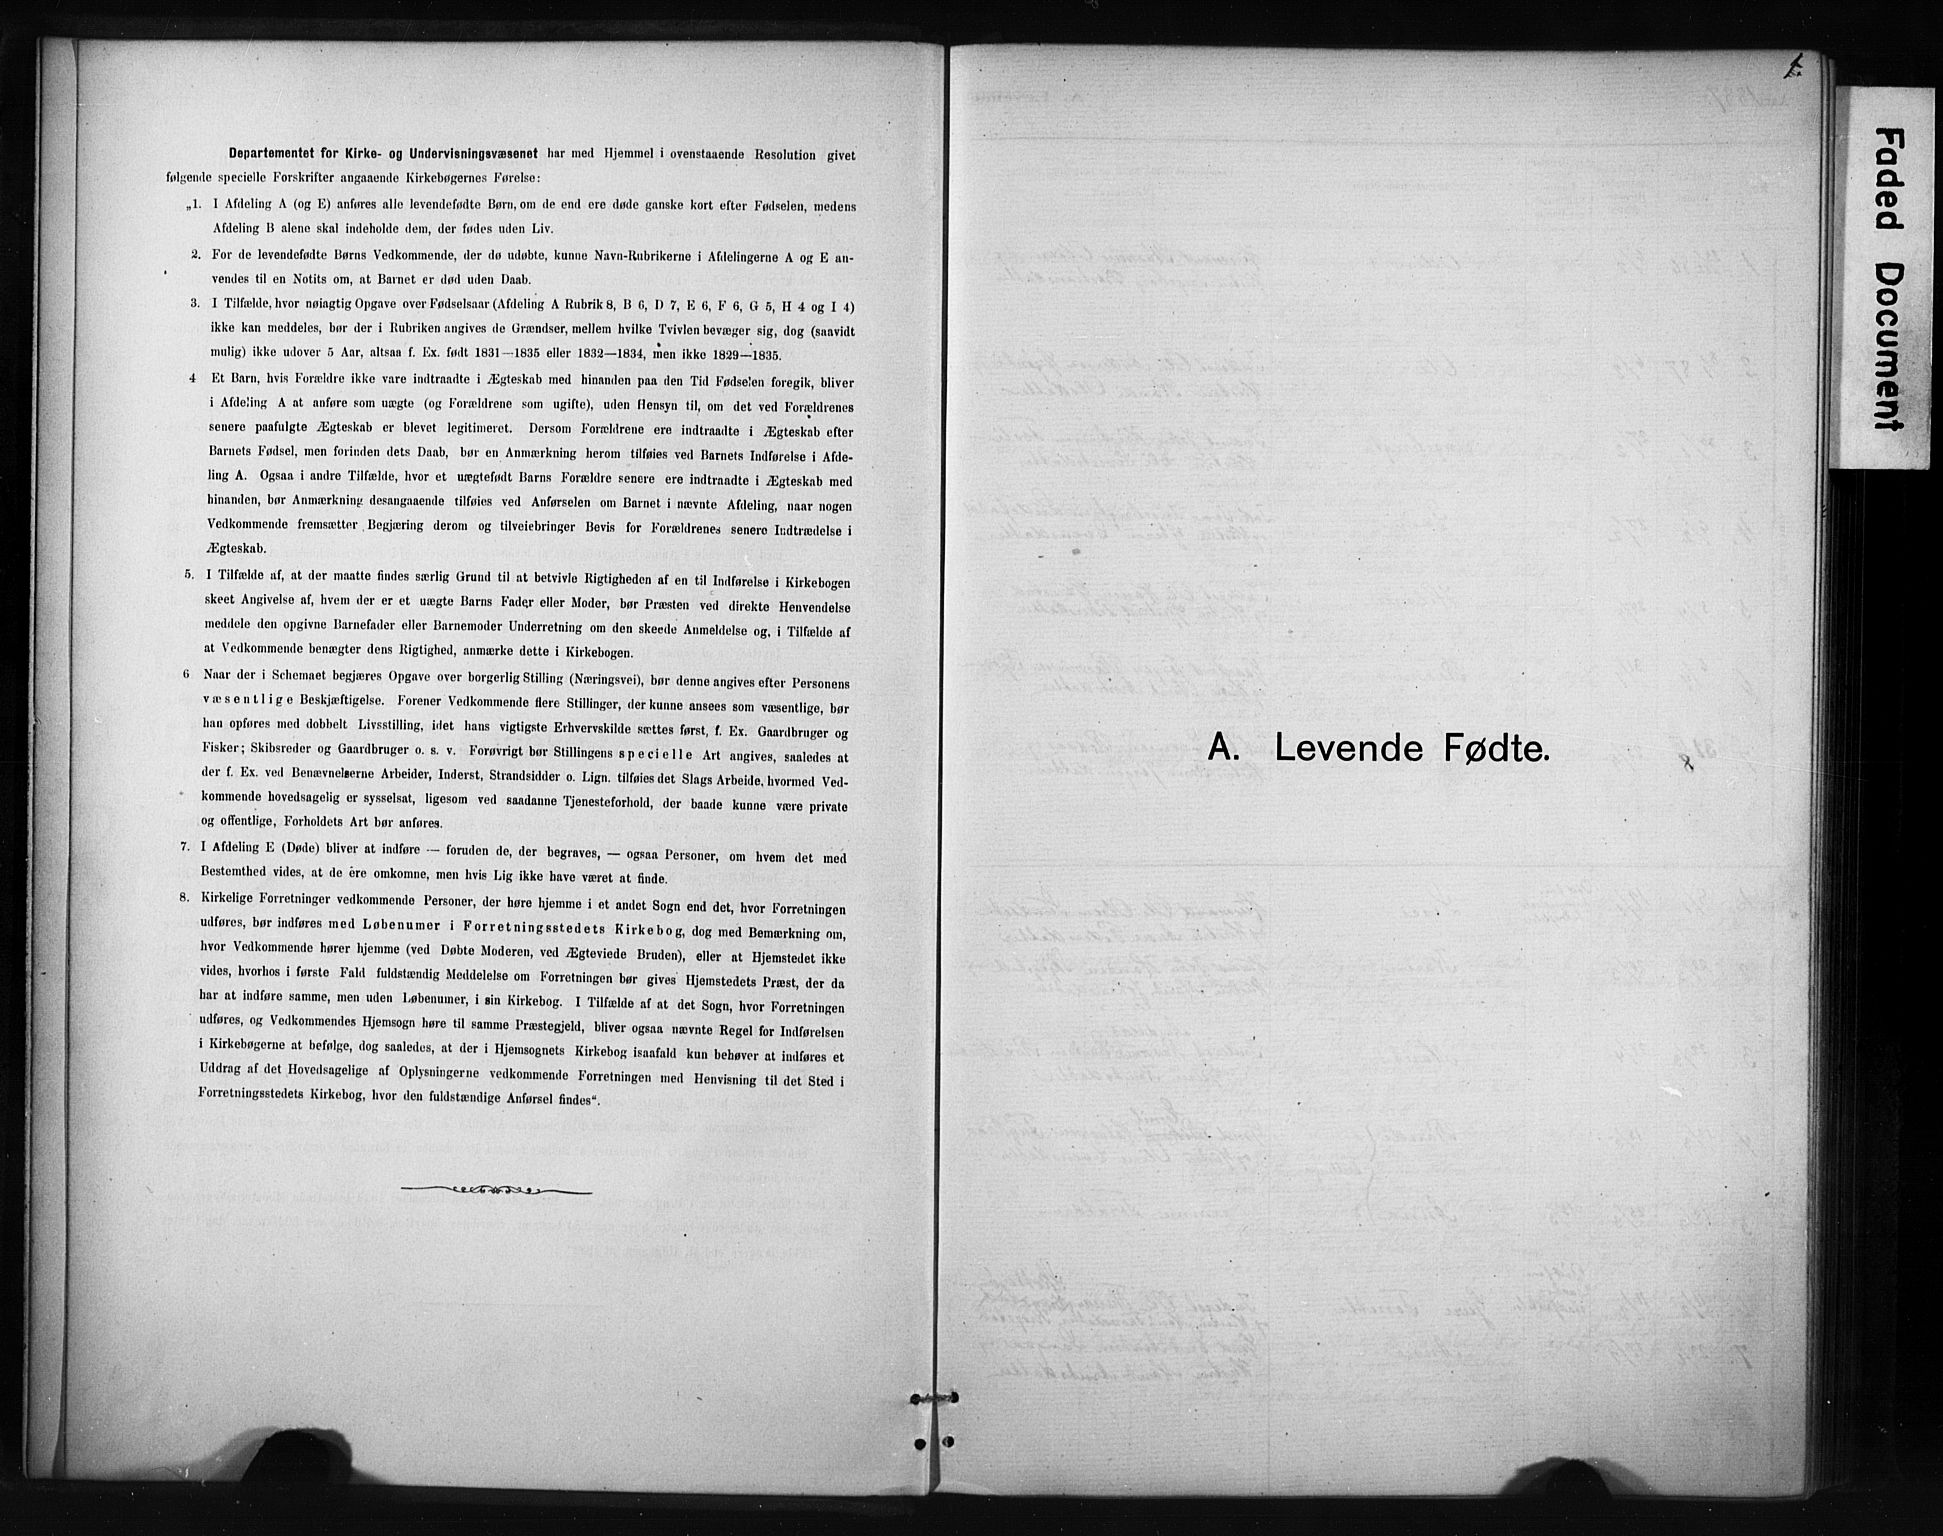 SAT, Ministerialprotokoller, klokkerbøker og fødselsregistre - Sør-Trøndelag, 694/L1127: Ministerialbok nr. 694A01, 1887-1905, s. 1